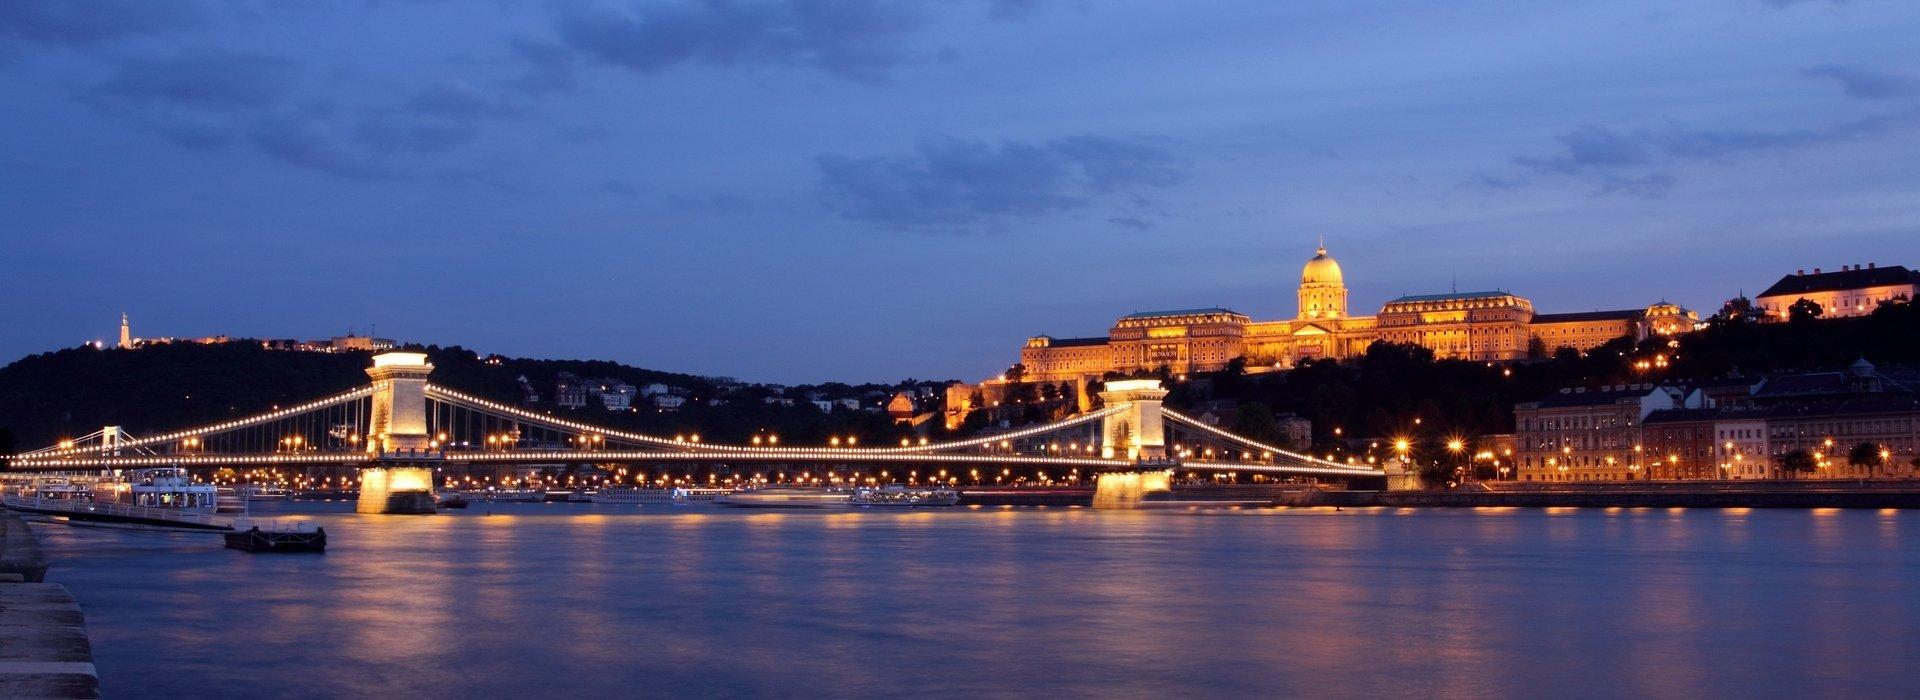 Budapest Szabadidő - Szórakozás Budapesten